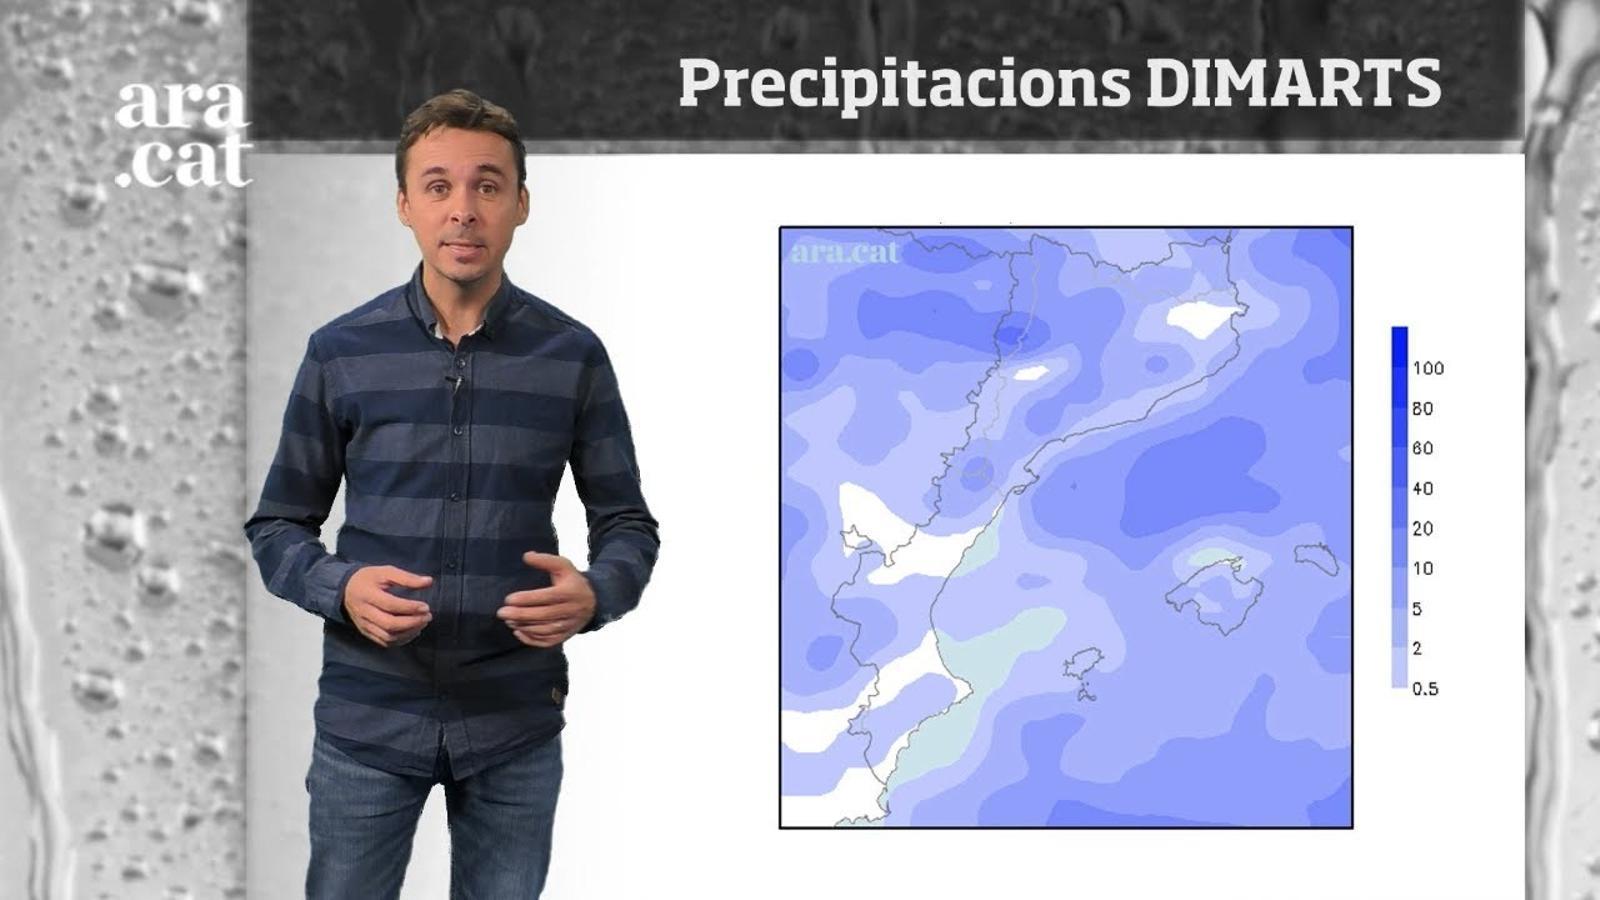 La méteo en 1 minut: nou episodi de pluja dimarts a la tarda